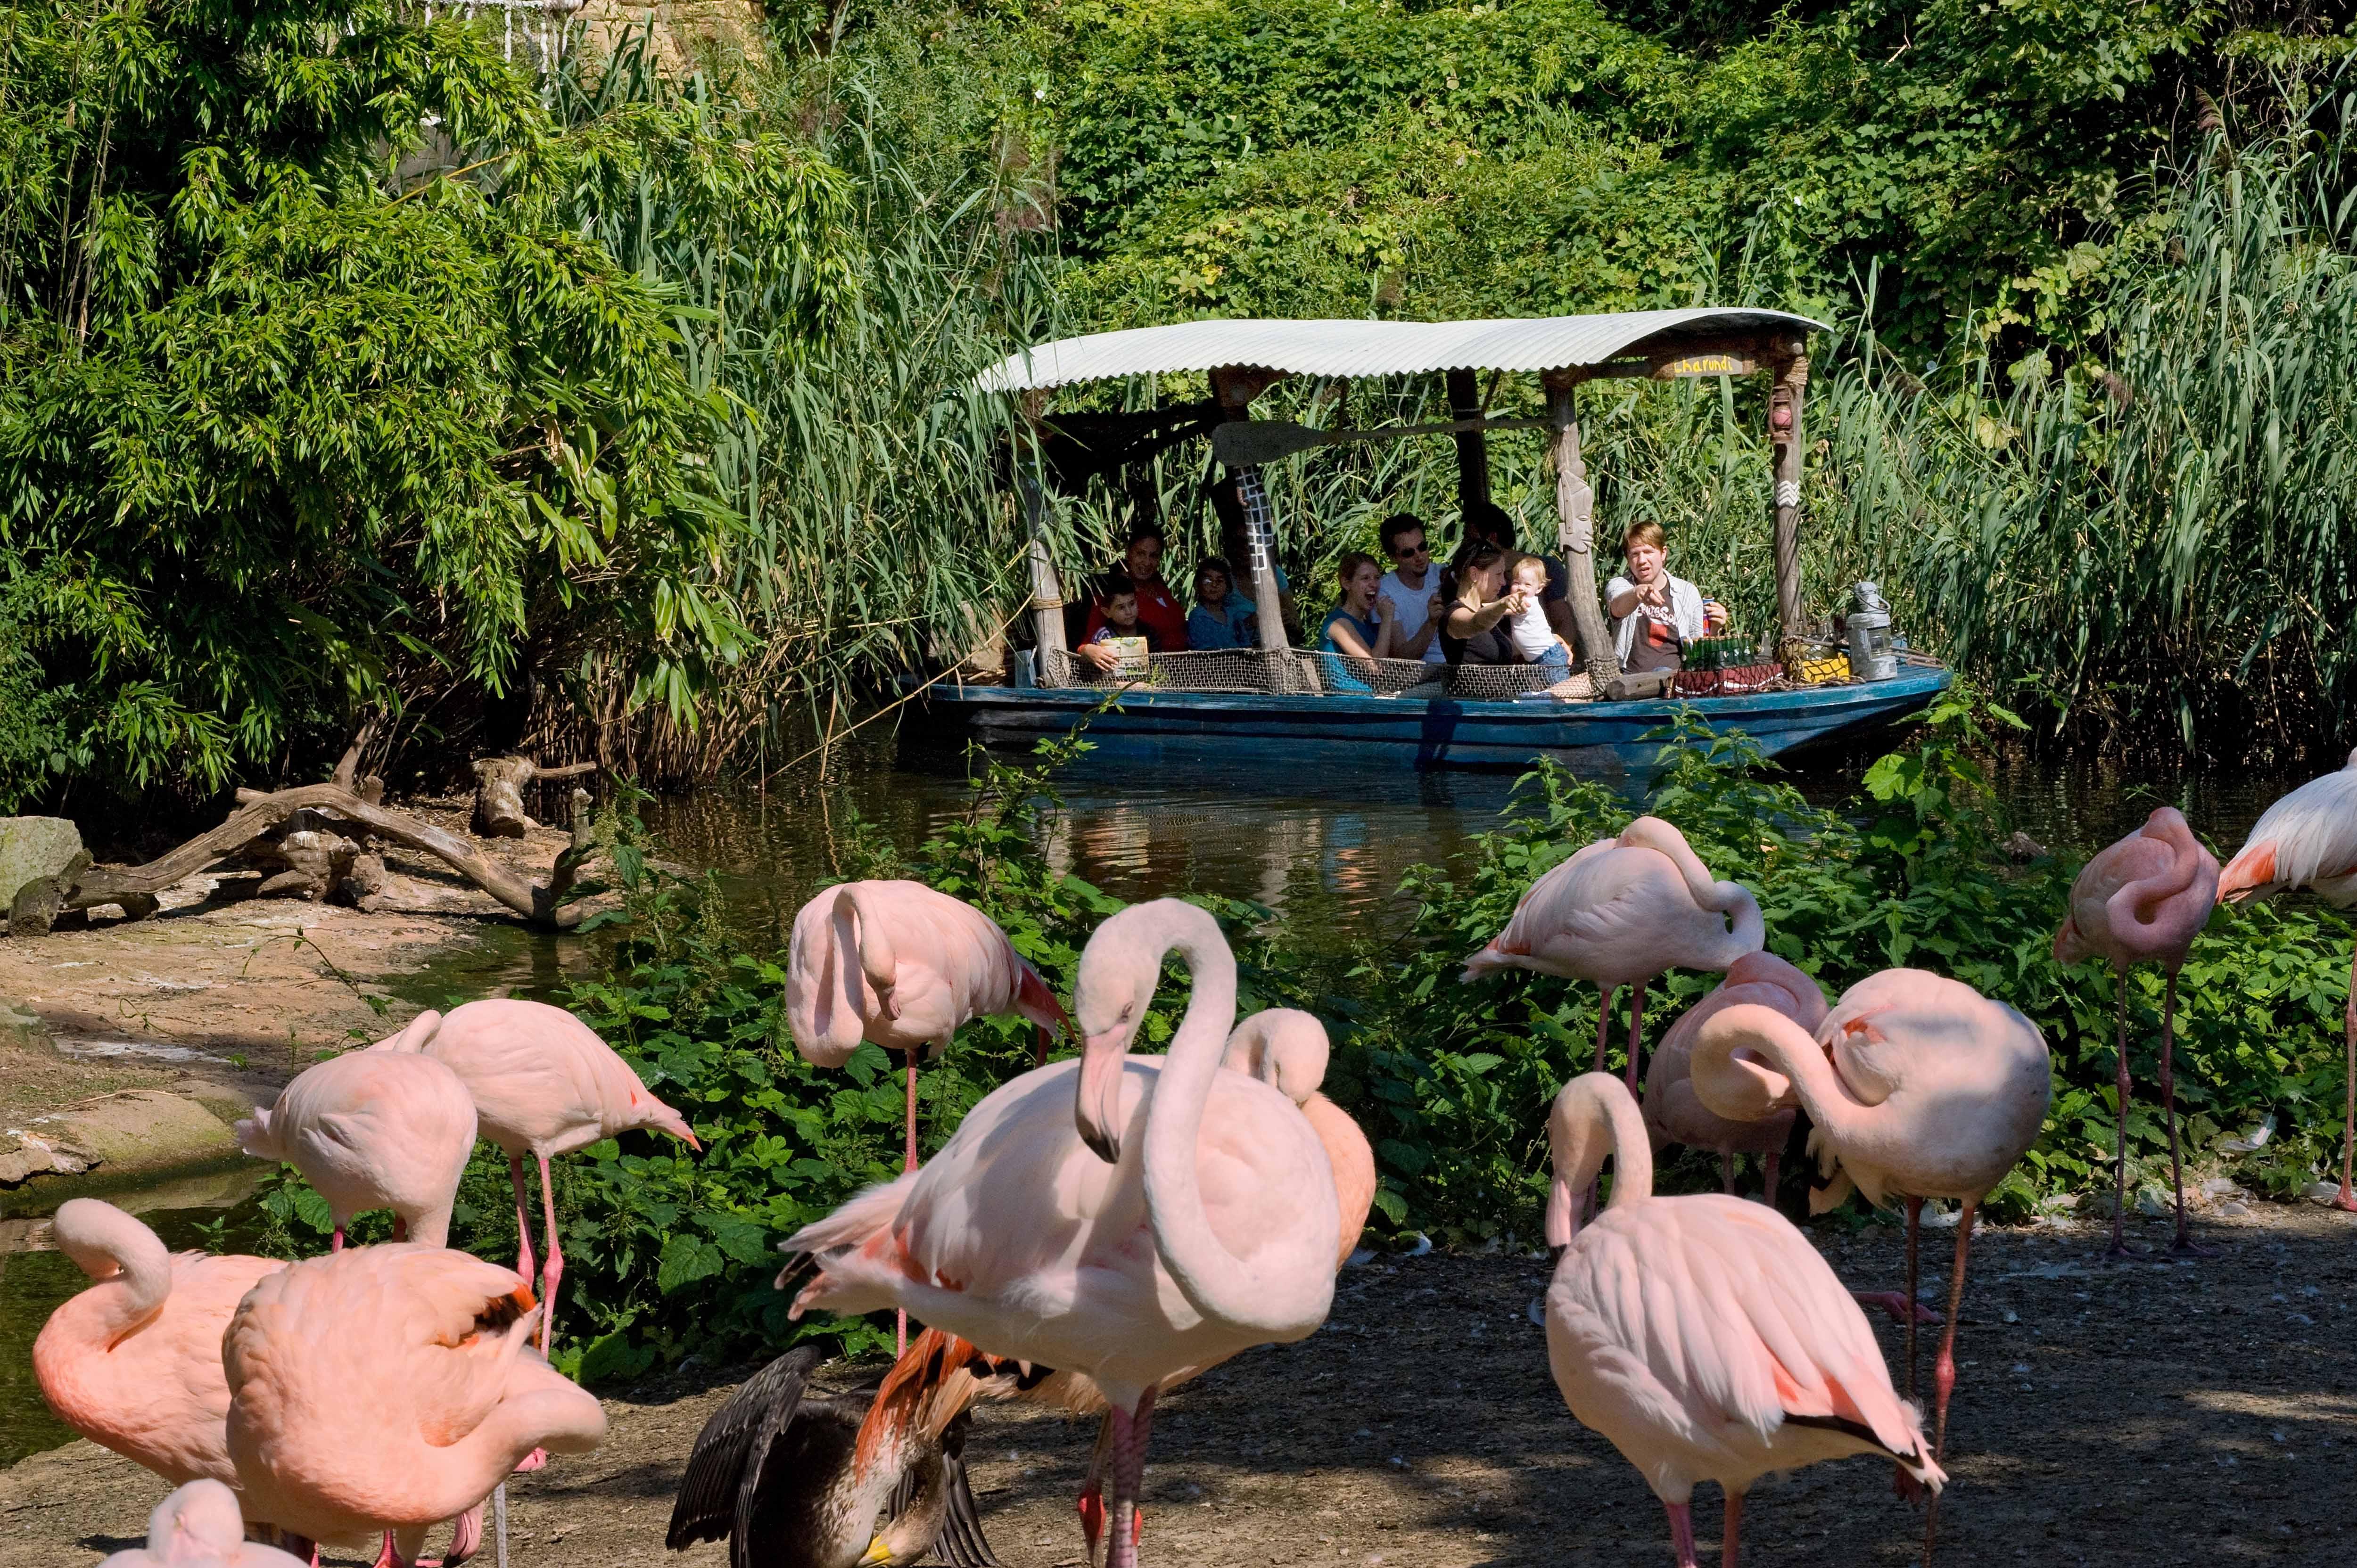 Erlebnis-Zoo Hannover, Themenbereich Afrika mit Sambesi-Bootsfahrt